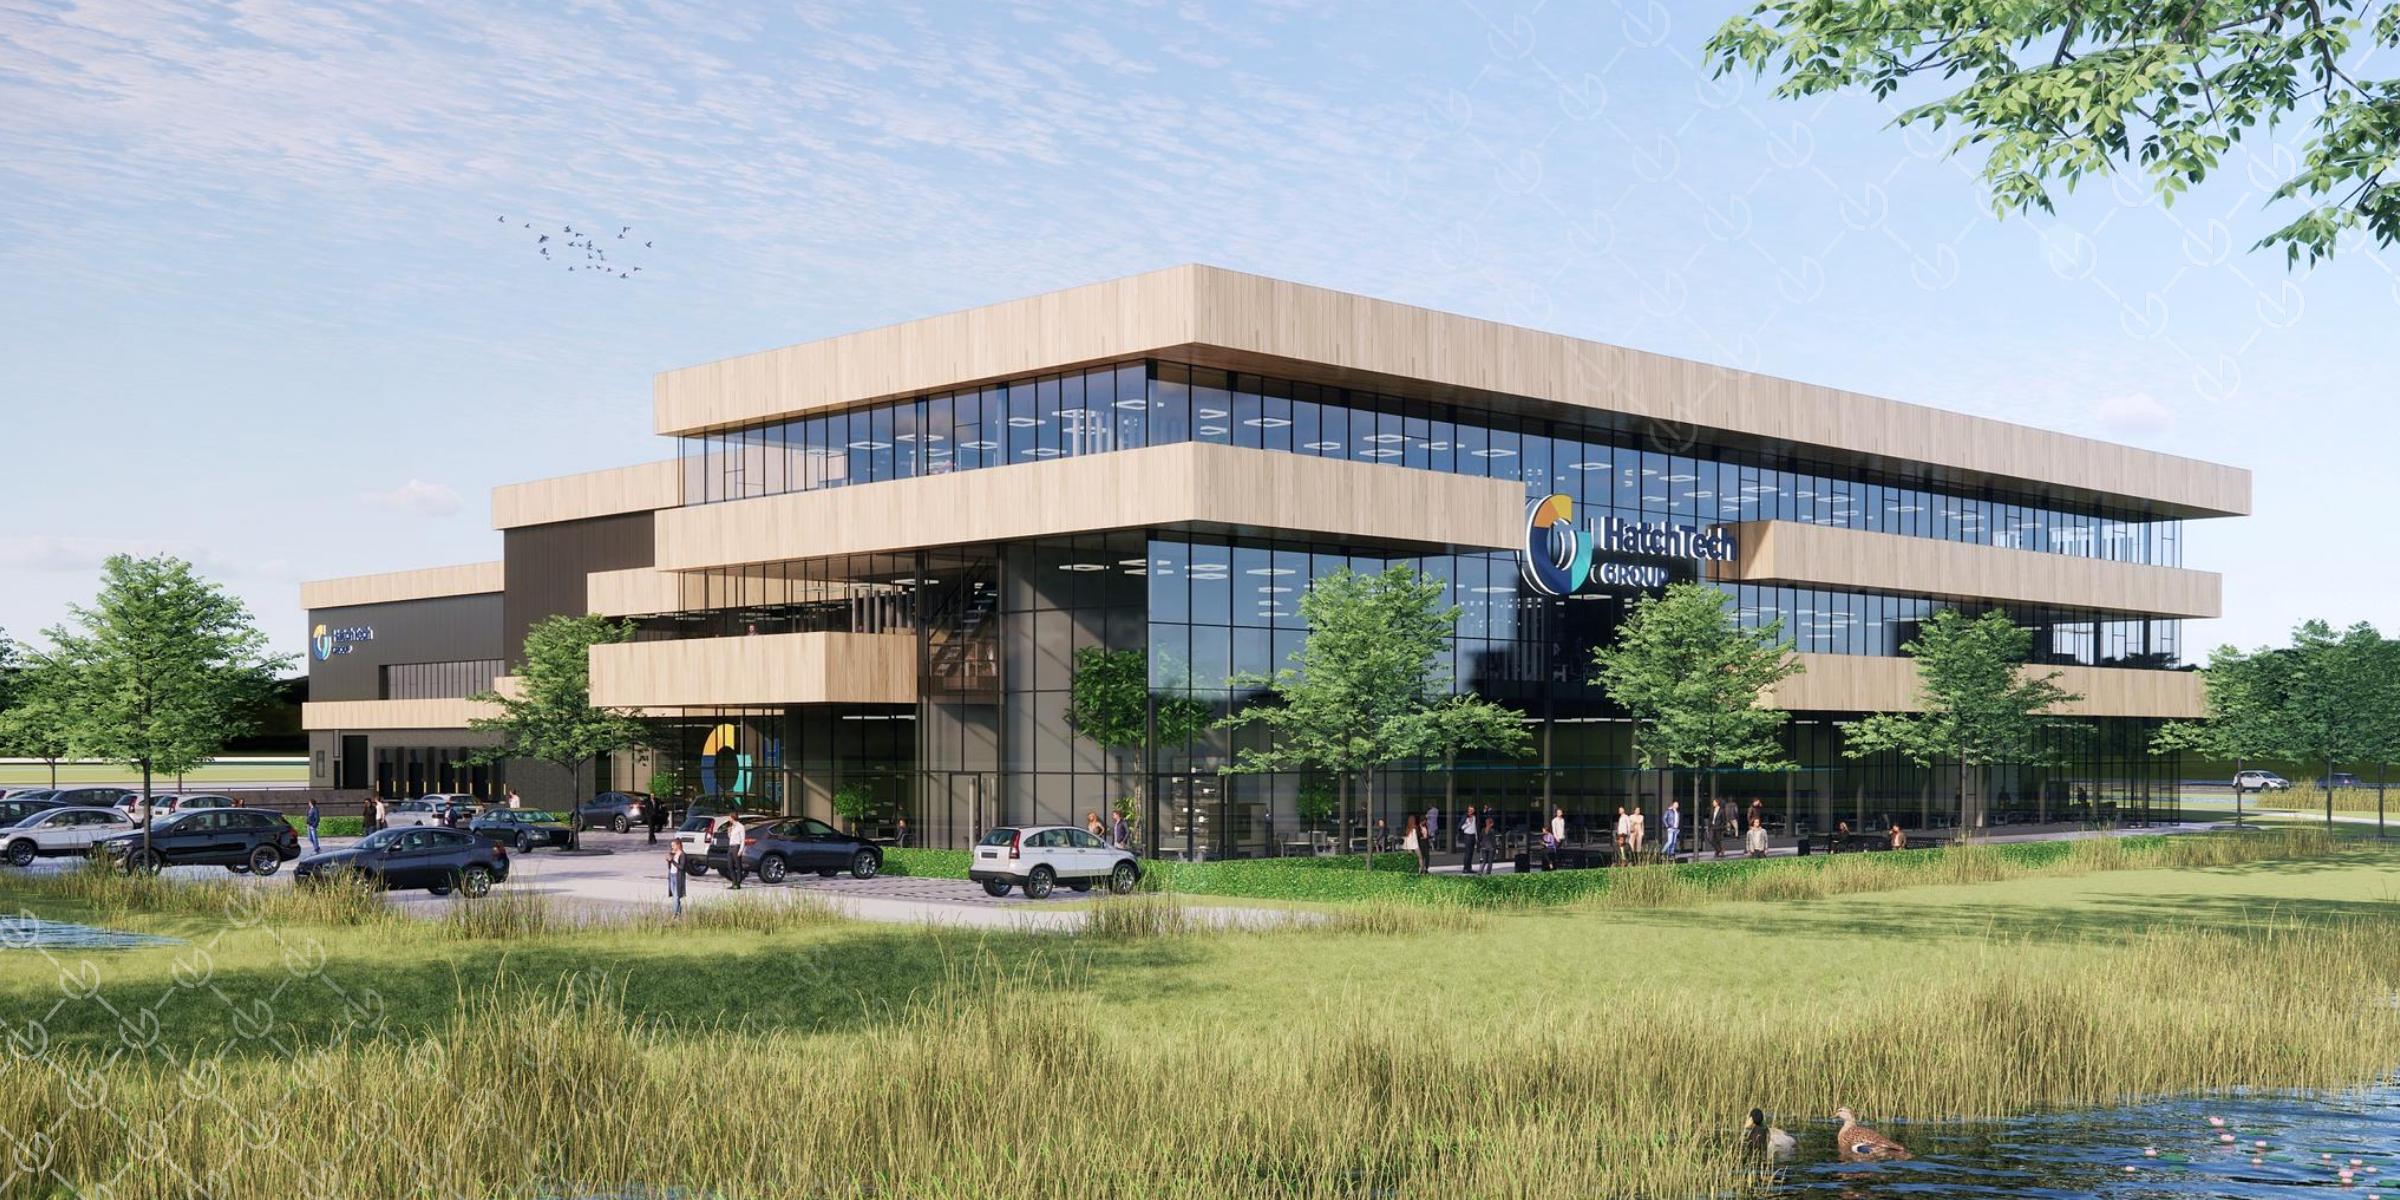 VDG Real Estate ontwikkelt 12.500 m² state-of-the-art bedrijfspand inclsuief hoofdkantoor voor HatchTech in Foodvalley Veenendaal